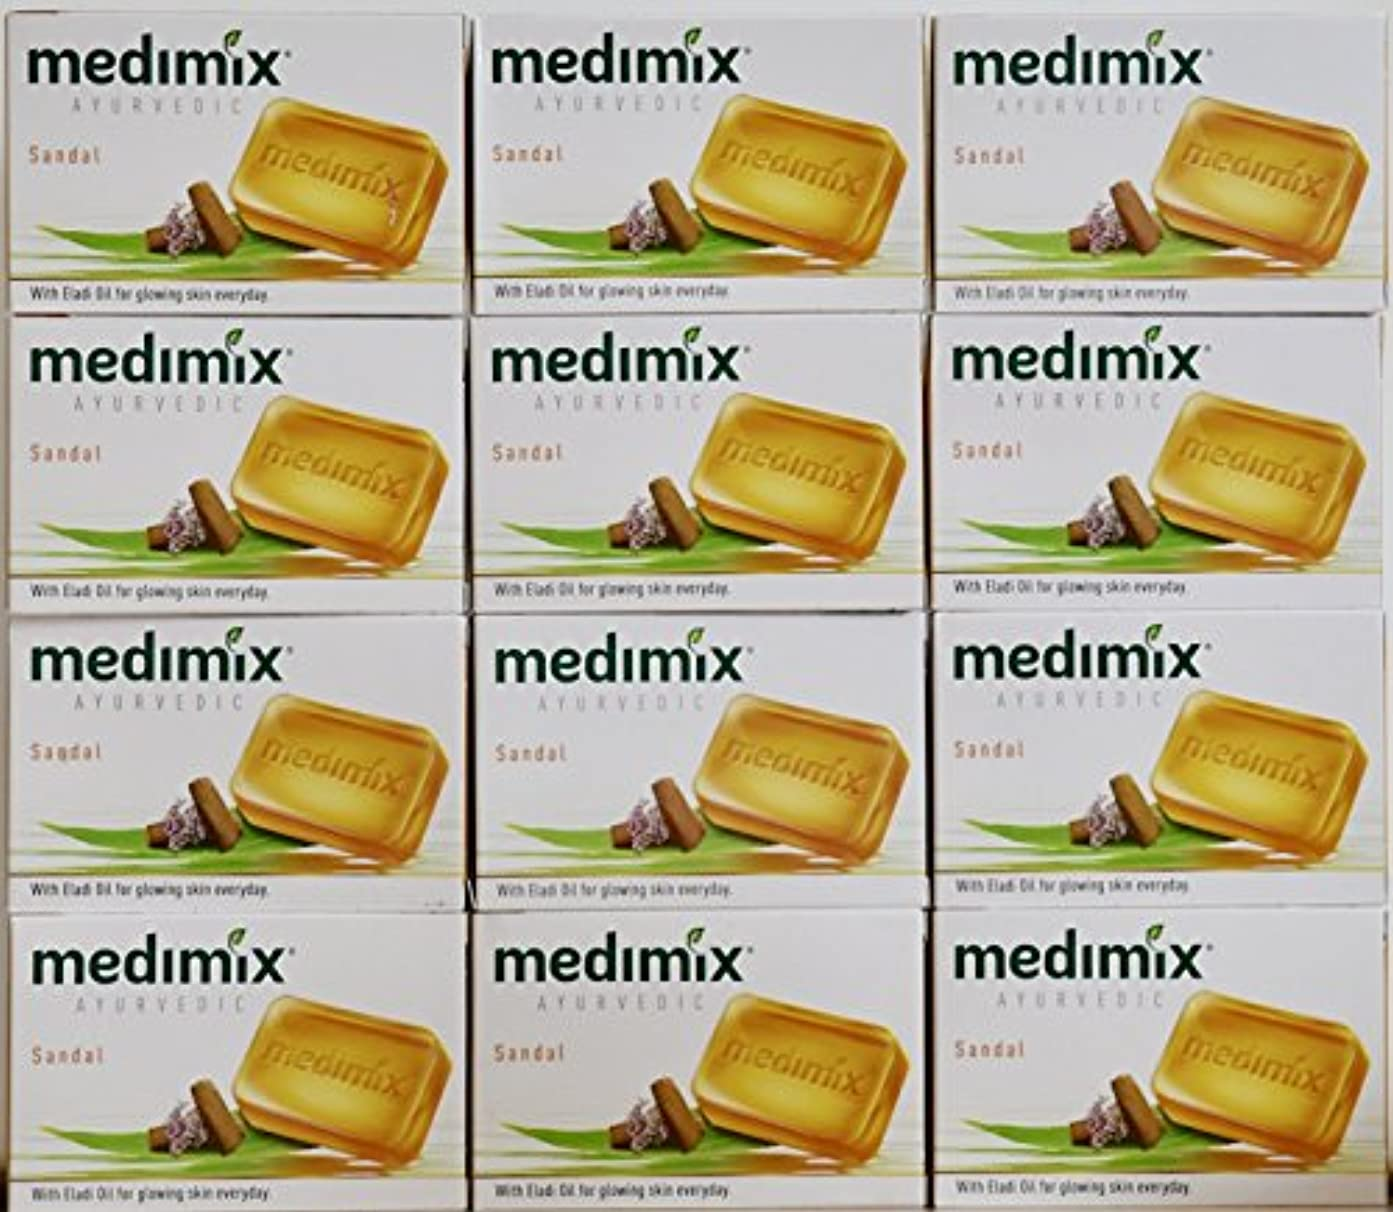 ファンブル音楽家ファンブルmedimix メディミックス アーユルヴェディックサンダル 石鹸(旧商品名クラシックオレンジ))125g 12個入り